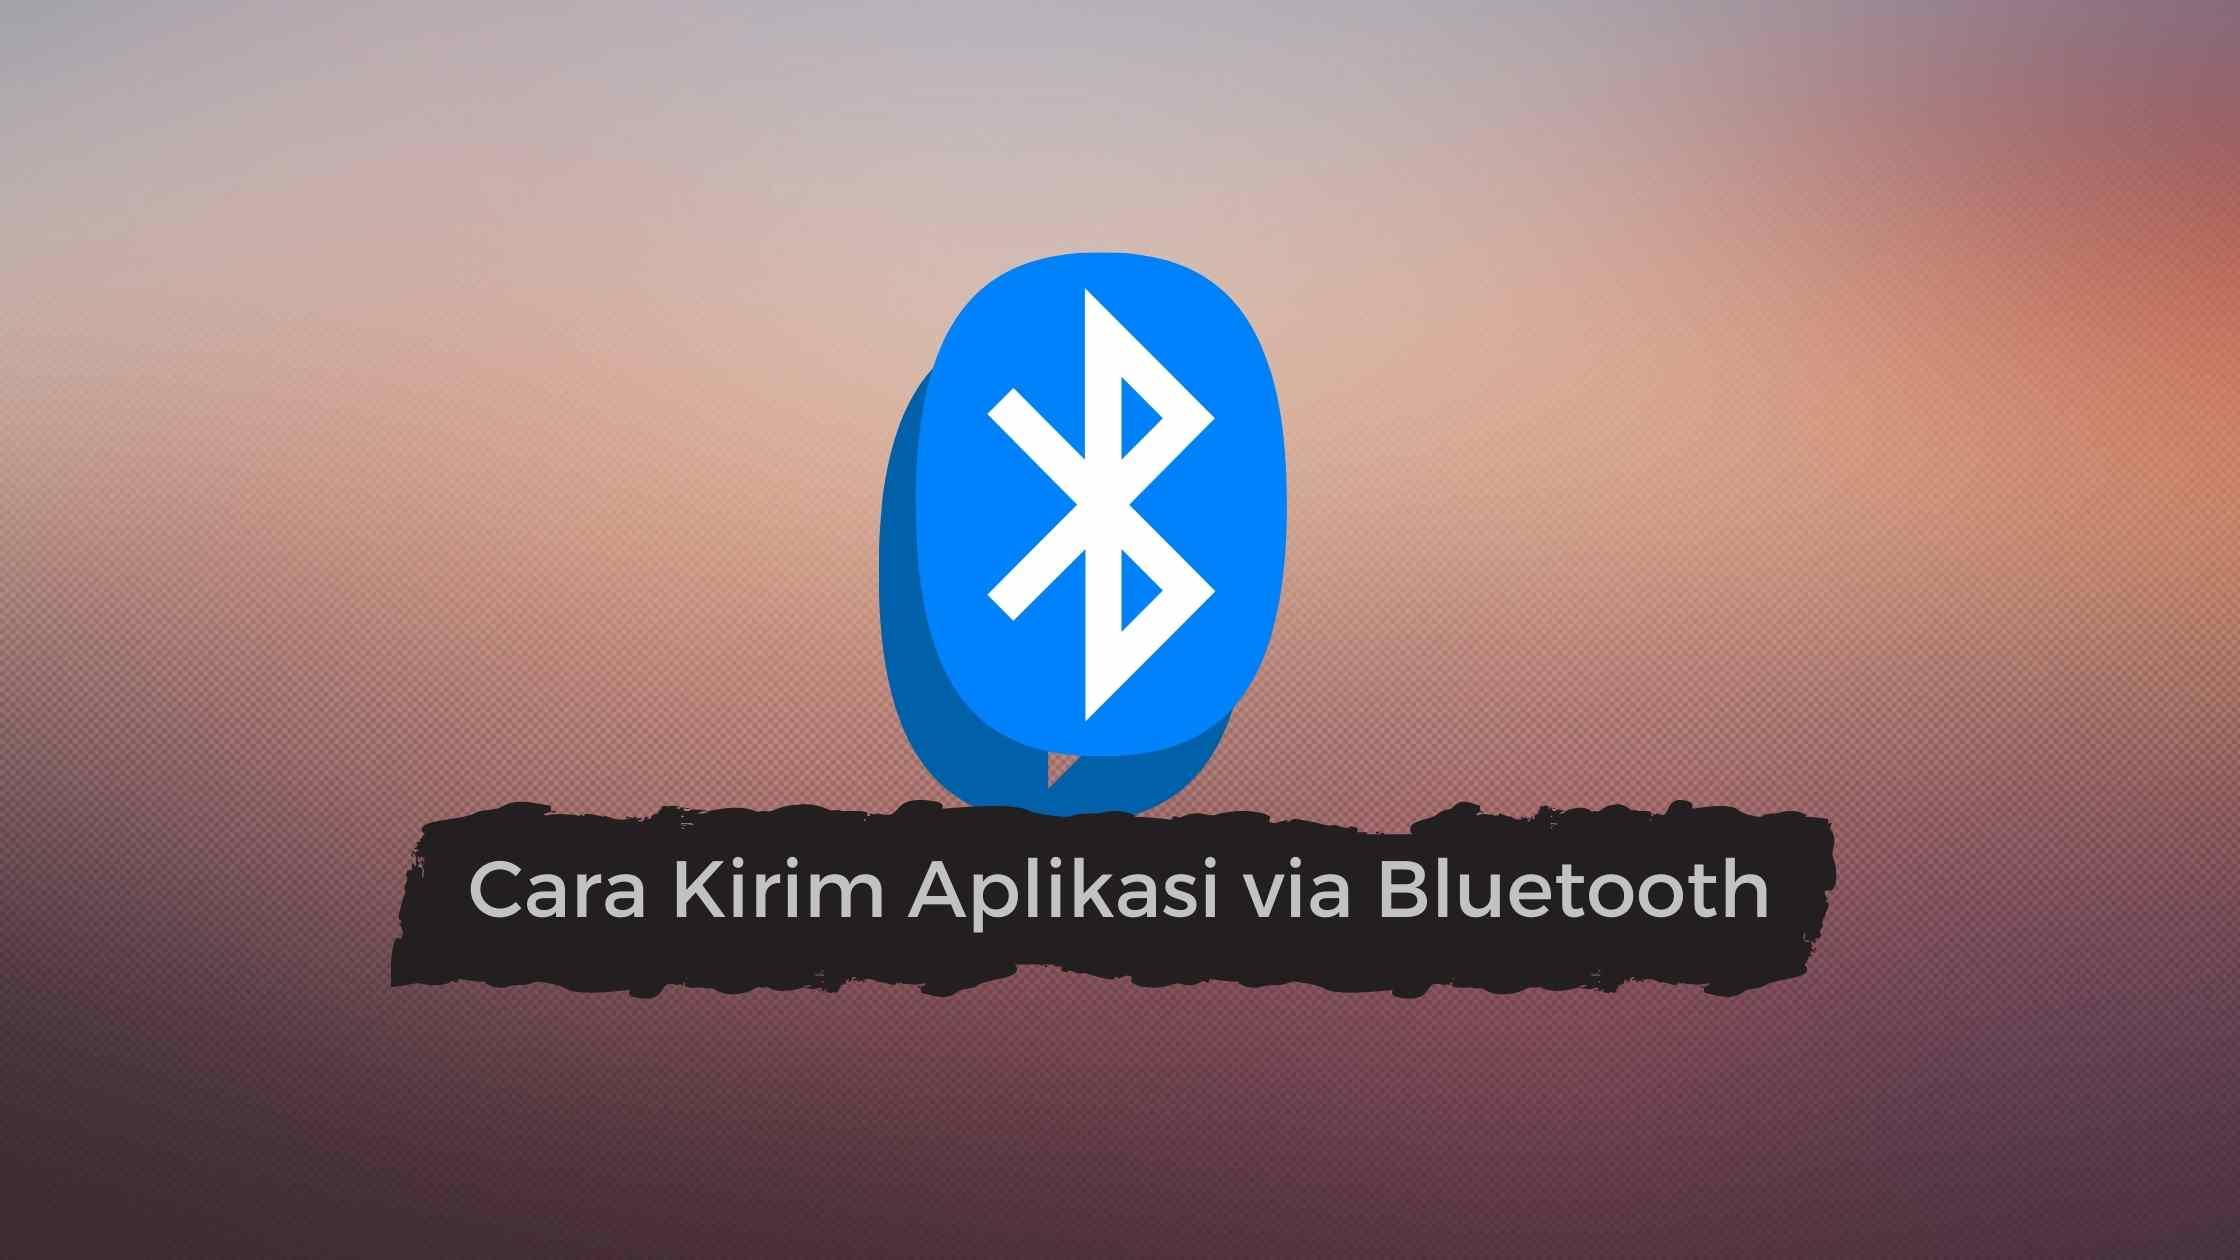 Cara Mengirim Aplikasi Lewat Bluetooth Dengan Mudah